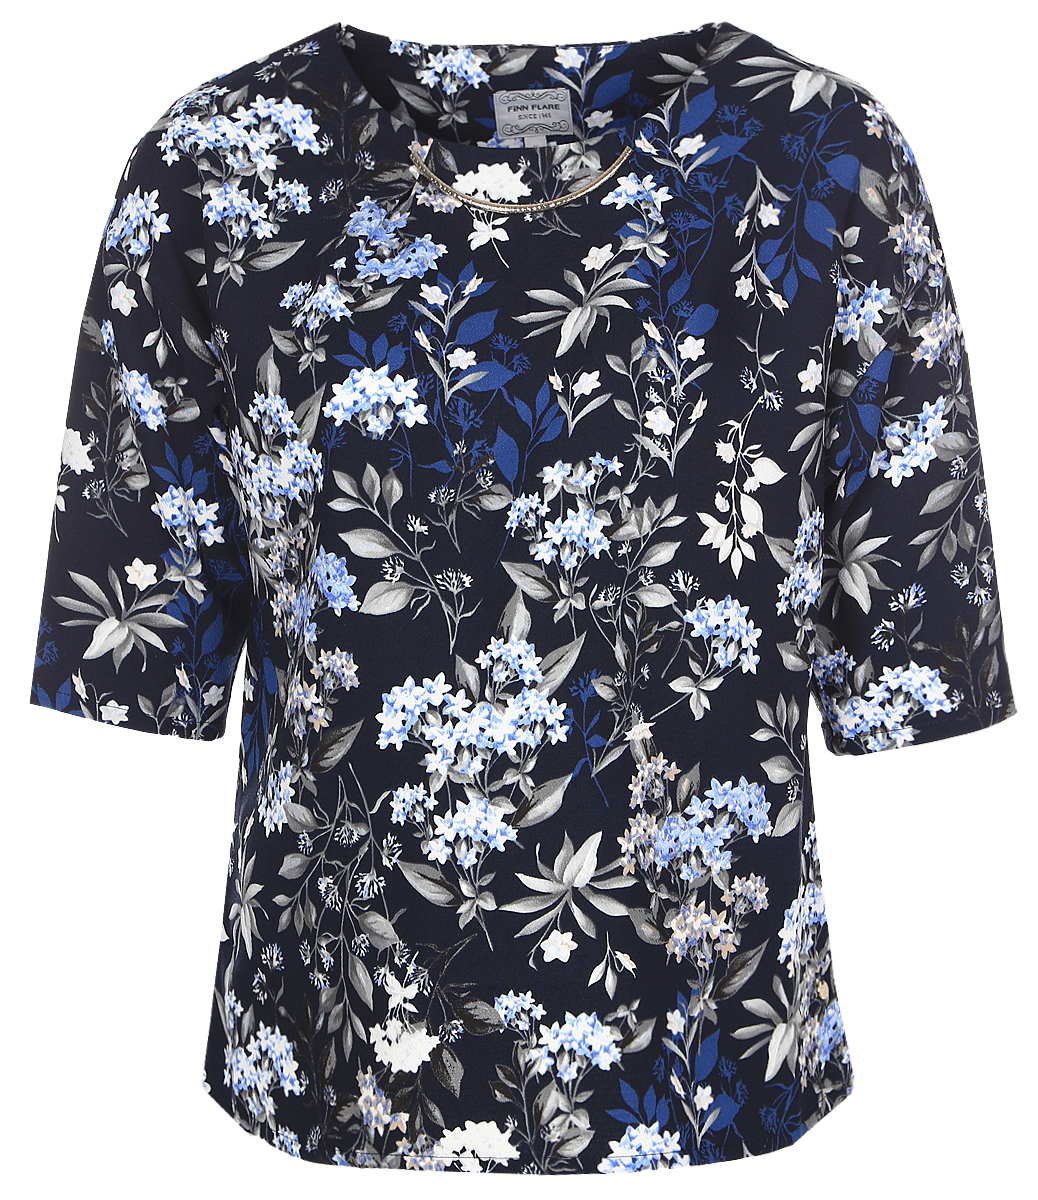 Блузка женская Finn Flare, цвет: темно-синий. B17-11075_101. Размер L (48)B17-11075_101Женская блуза Finn Flare с рукавами до локтя и круглым вырезом горловины выполнена из 100% полиэстера. Блузка имеет свободный крой. Модель оформлена крупным металлическим декоративным элементом под горловиной и украшена оригинальным цветочным принтом.